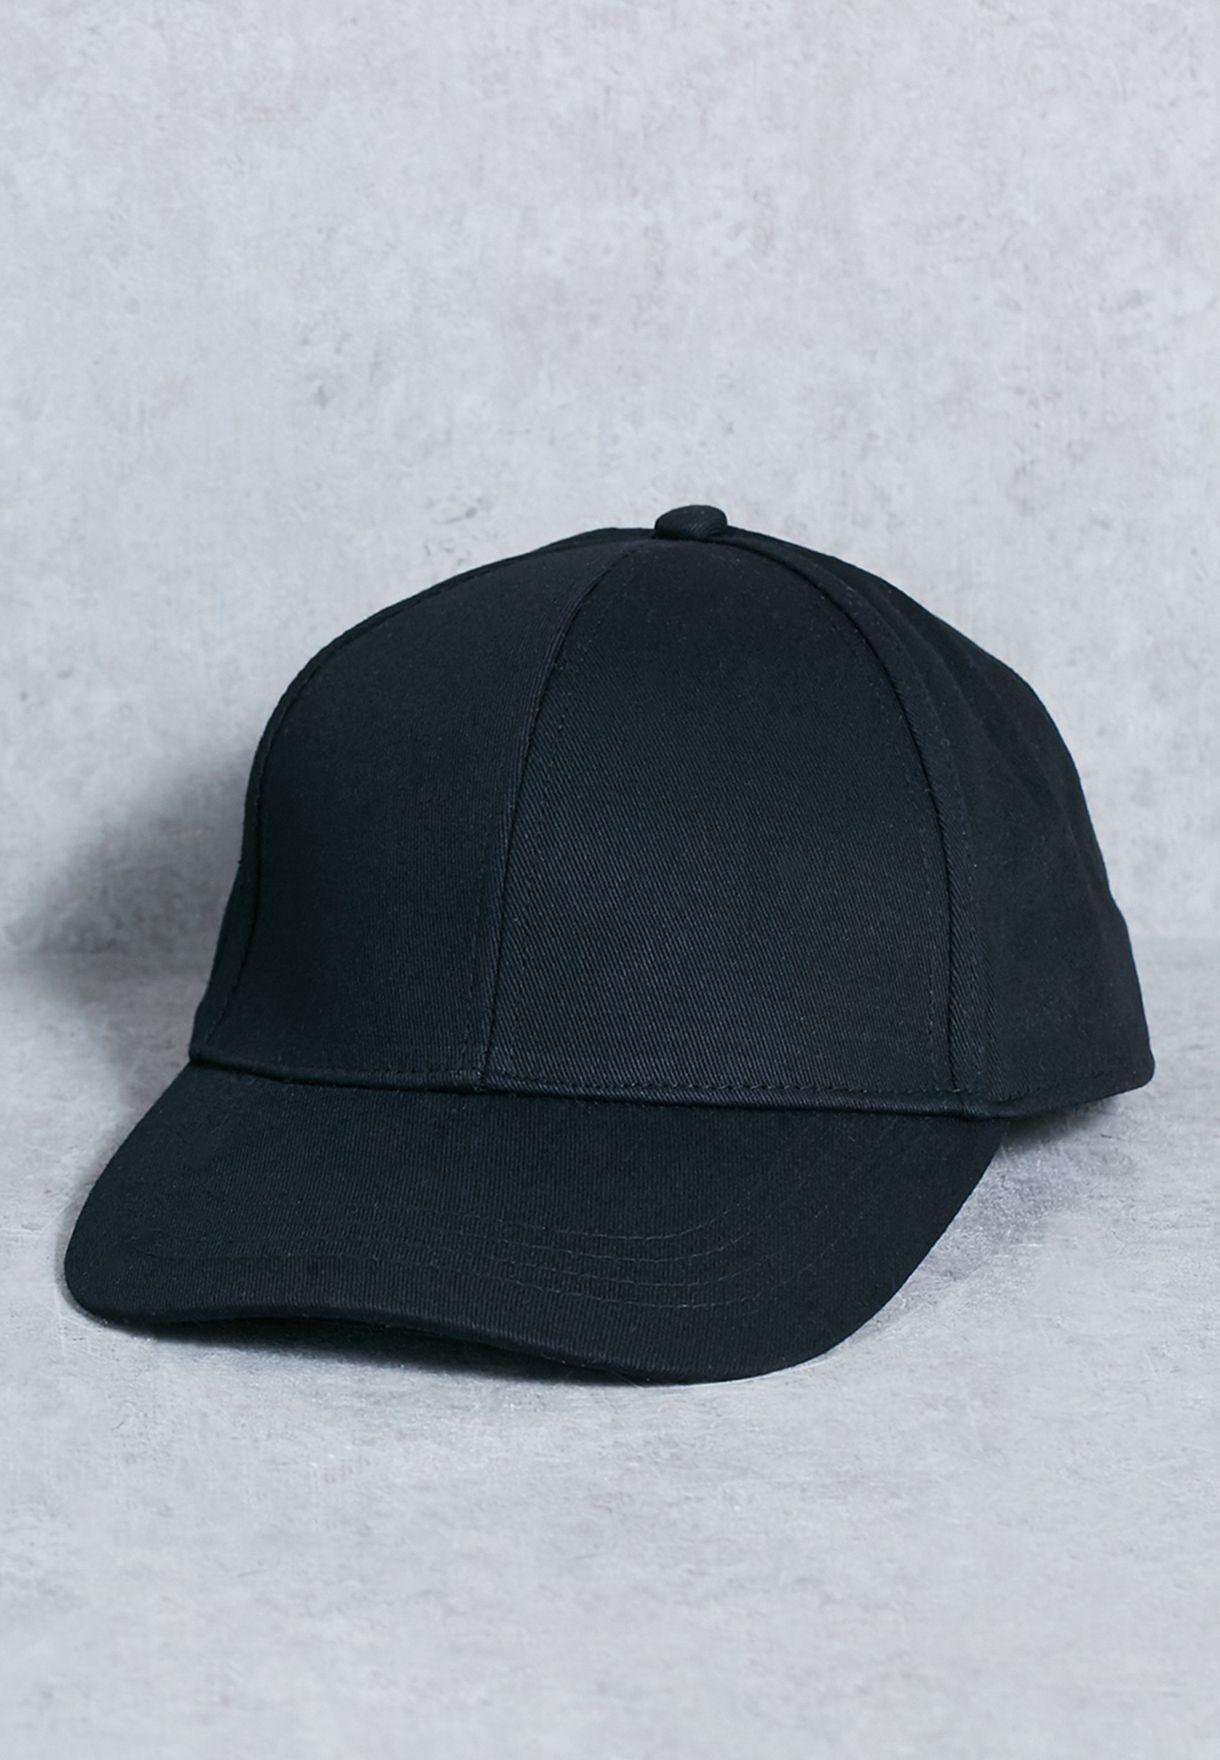 4ca2d375f4121 Shop Topman black Curved Peak Cap 56J28PBLK for Men in Saudi ...